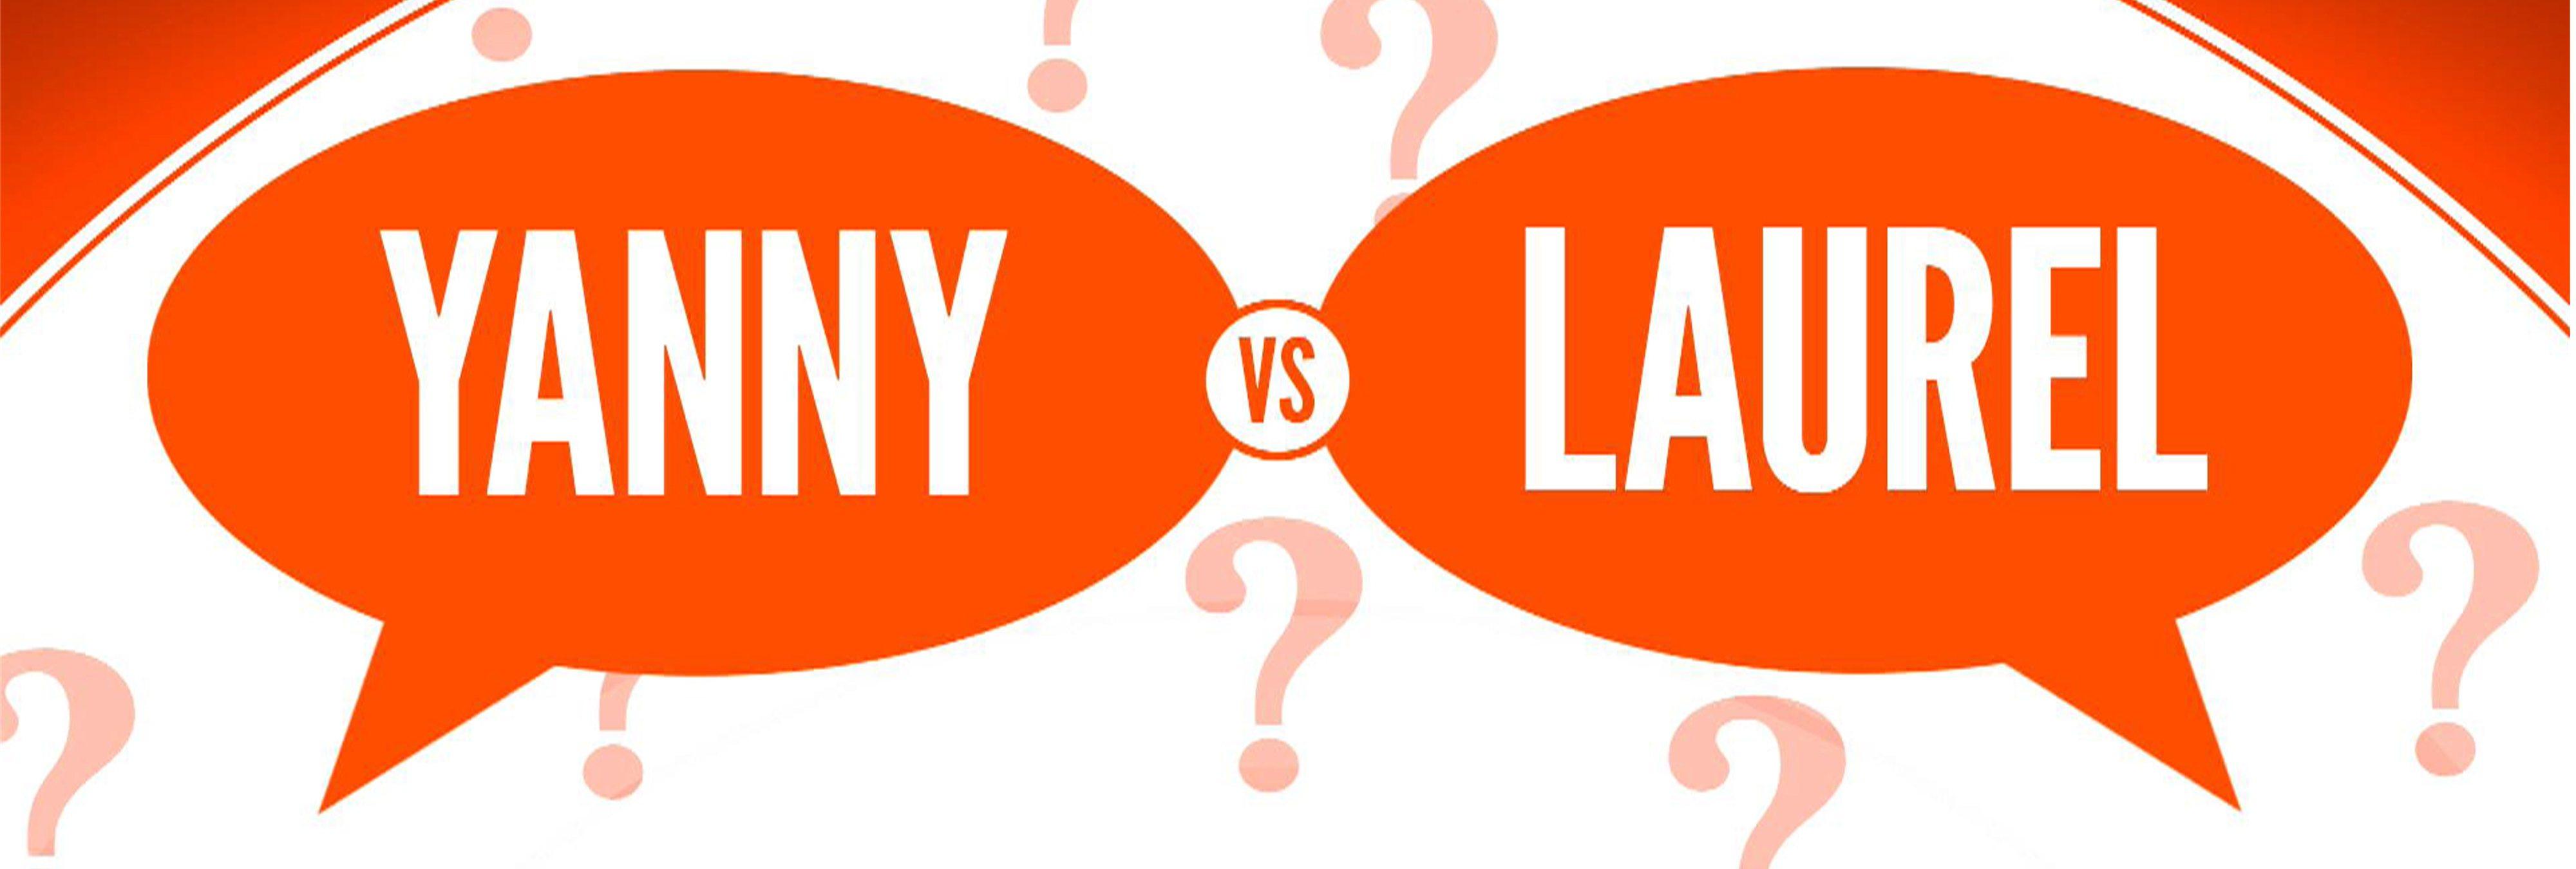 Se resuelve el misterio que divide a las redes: ¿La palabra es 'Yanny' o 'Laurel'?